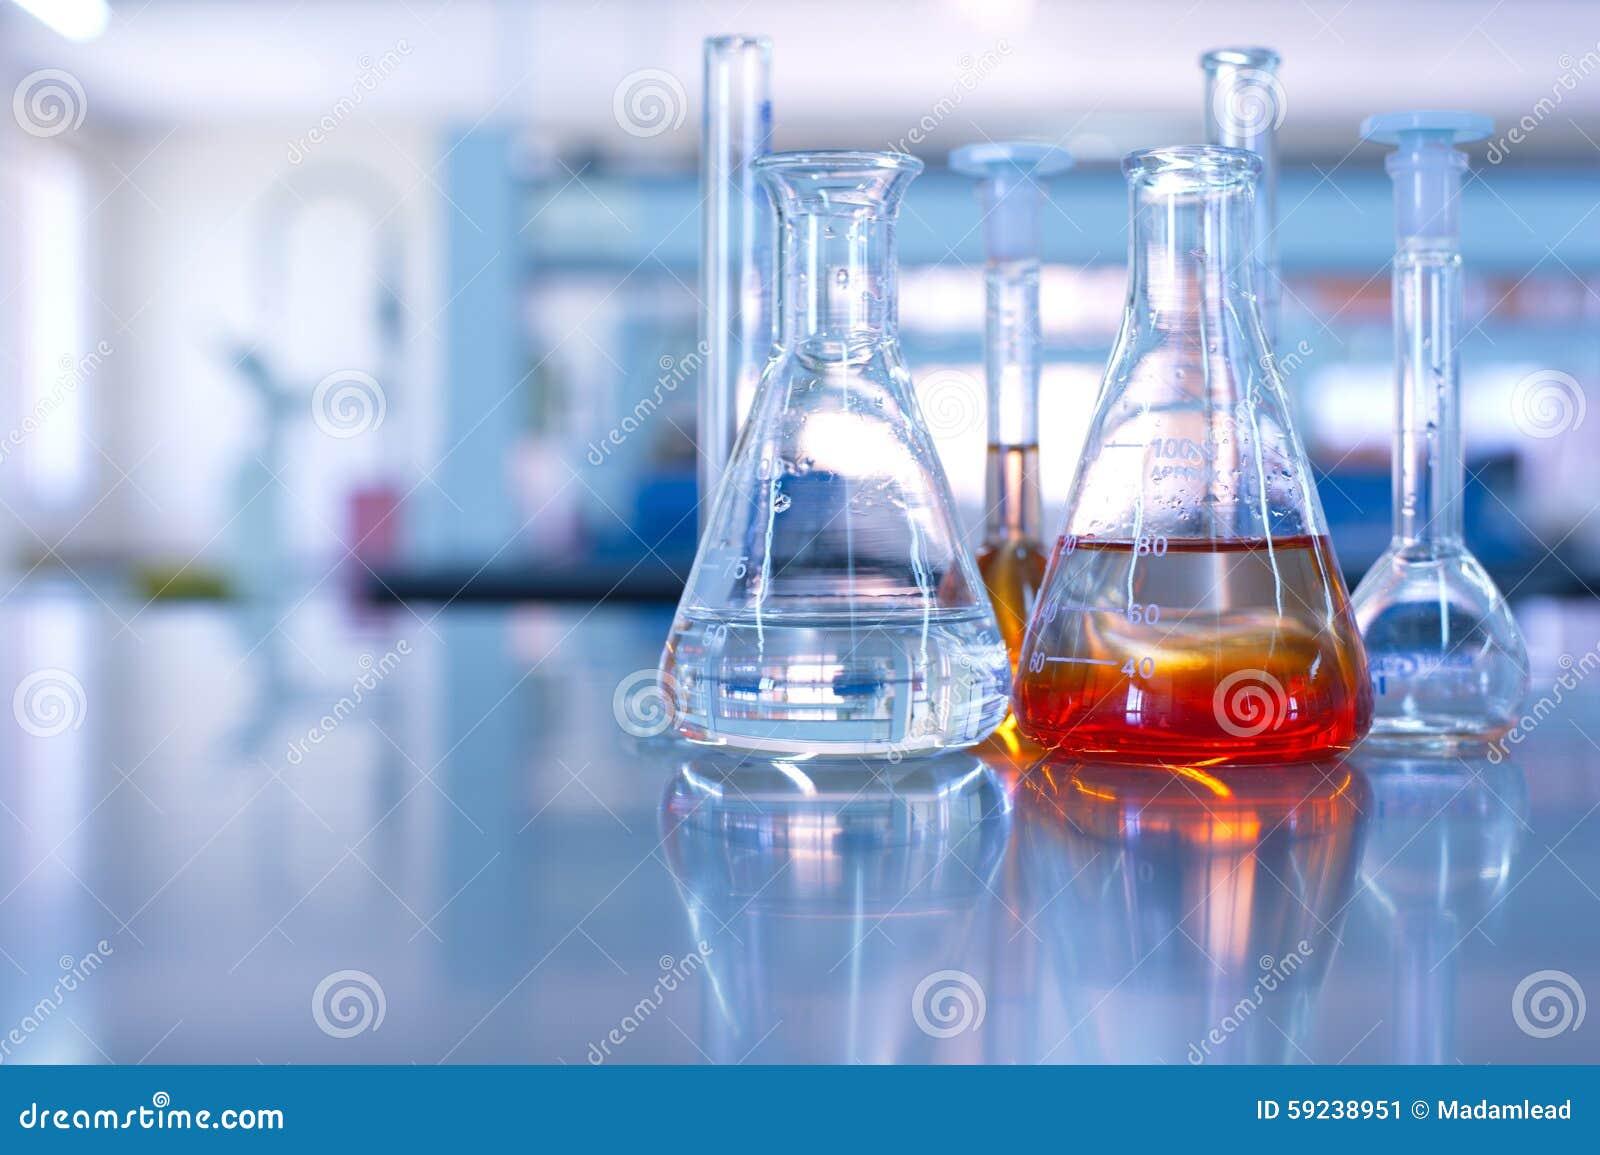 Cristalería de laboratorio de ciencia